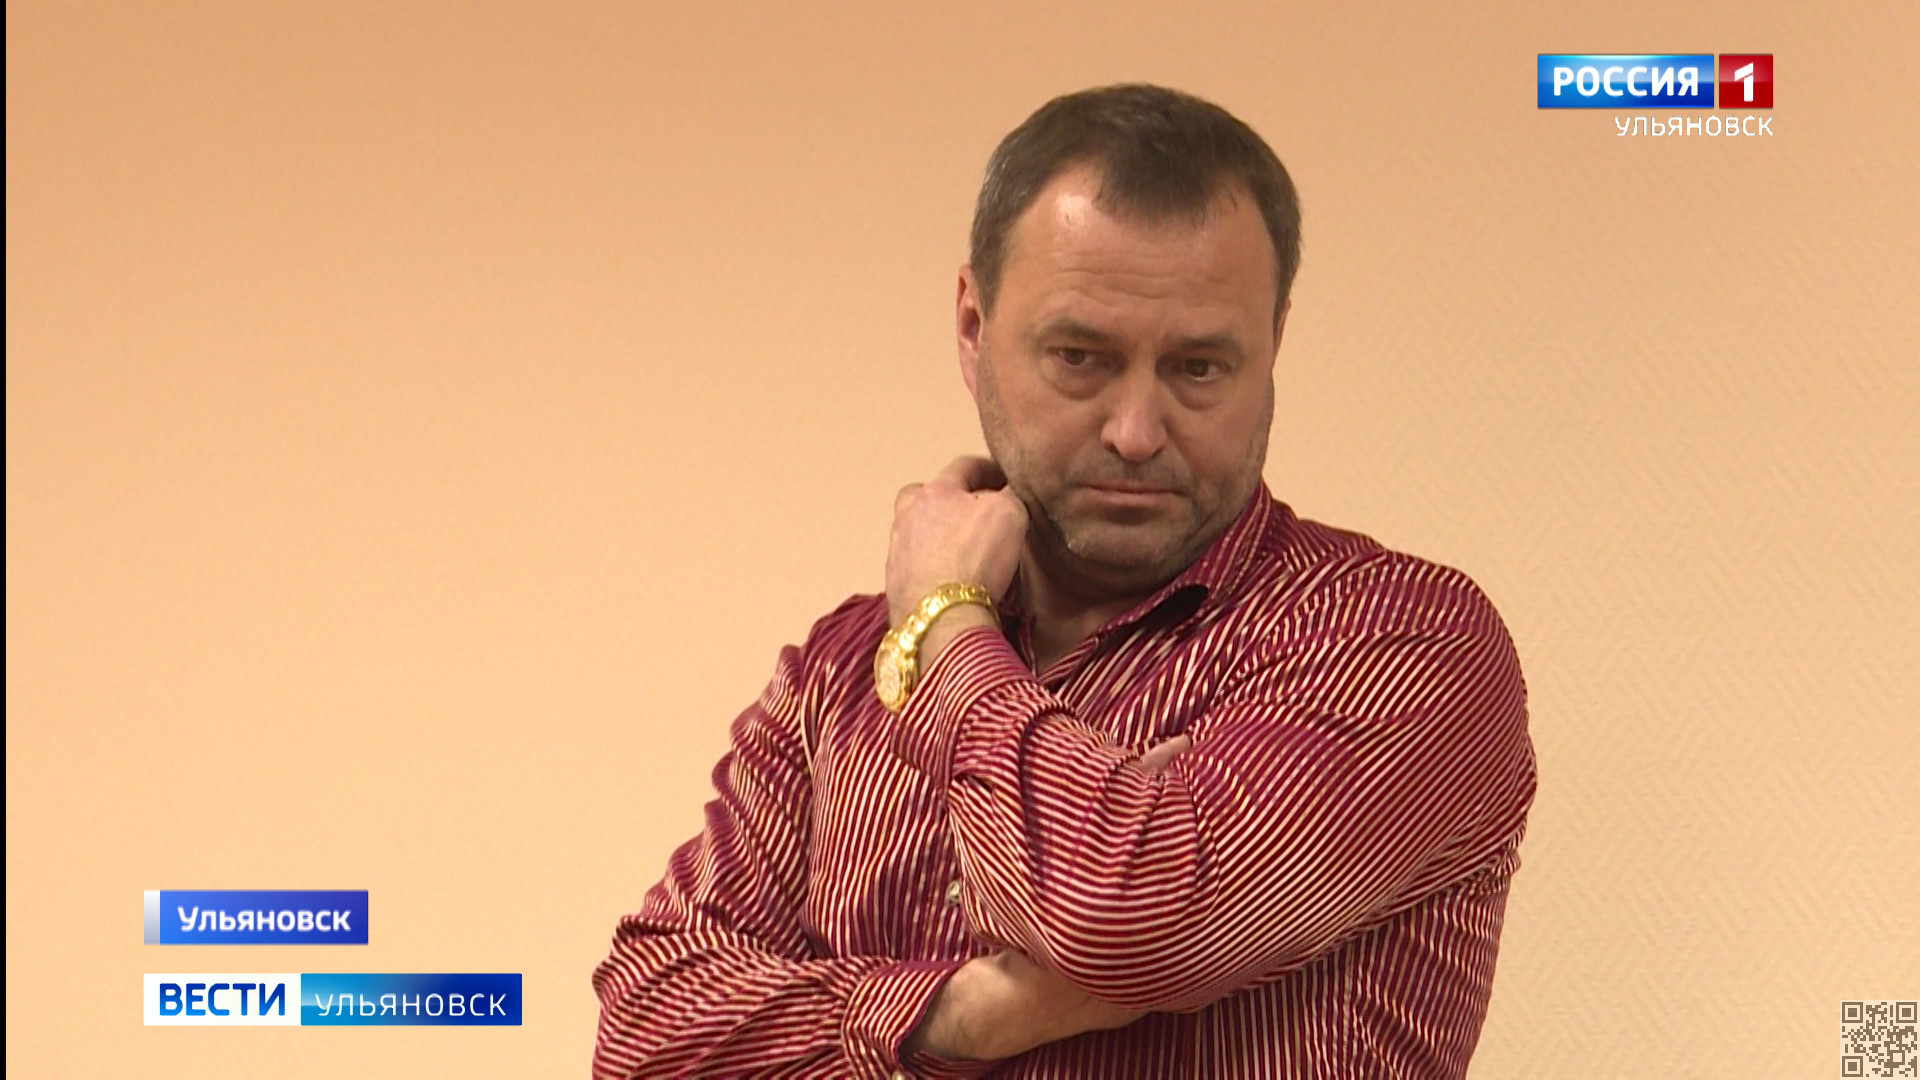 Дело о хищении картин Никаса Сафронова